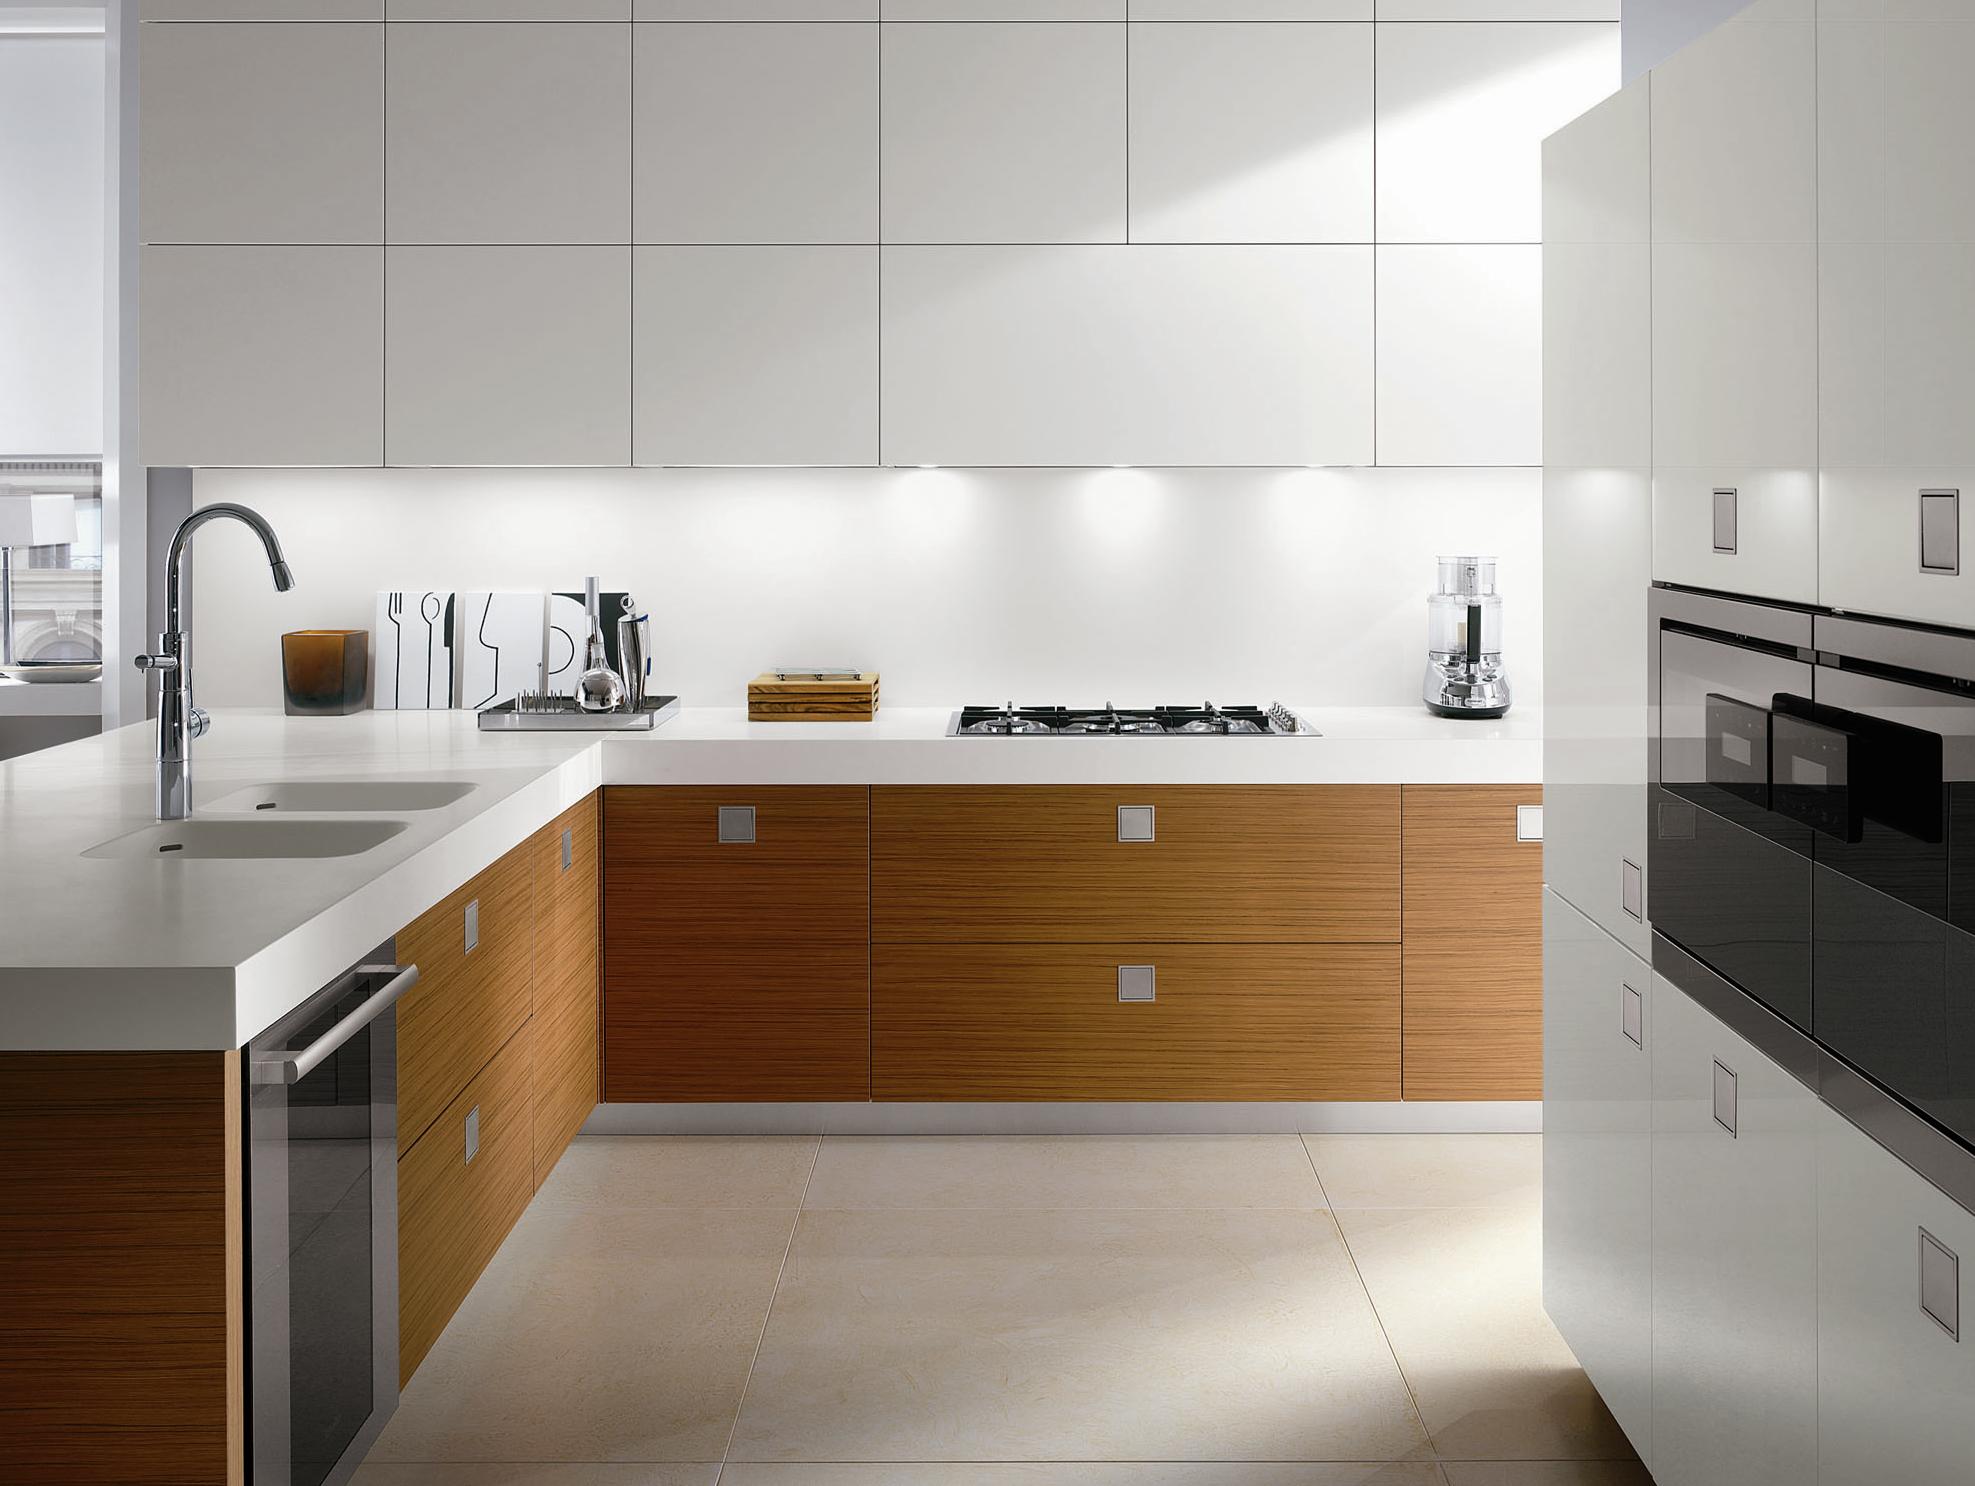 cocinas-lacadas-7.jpg